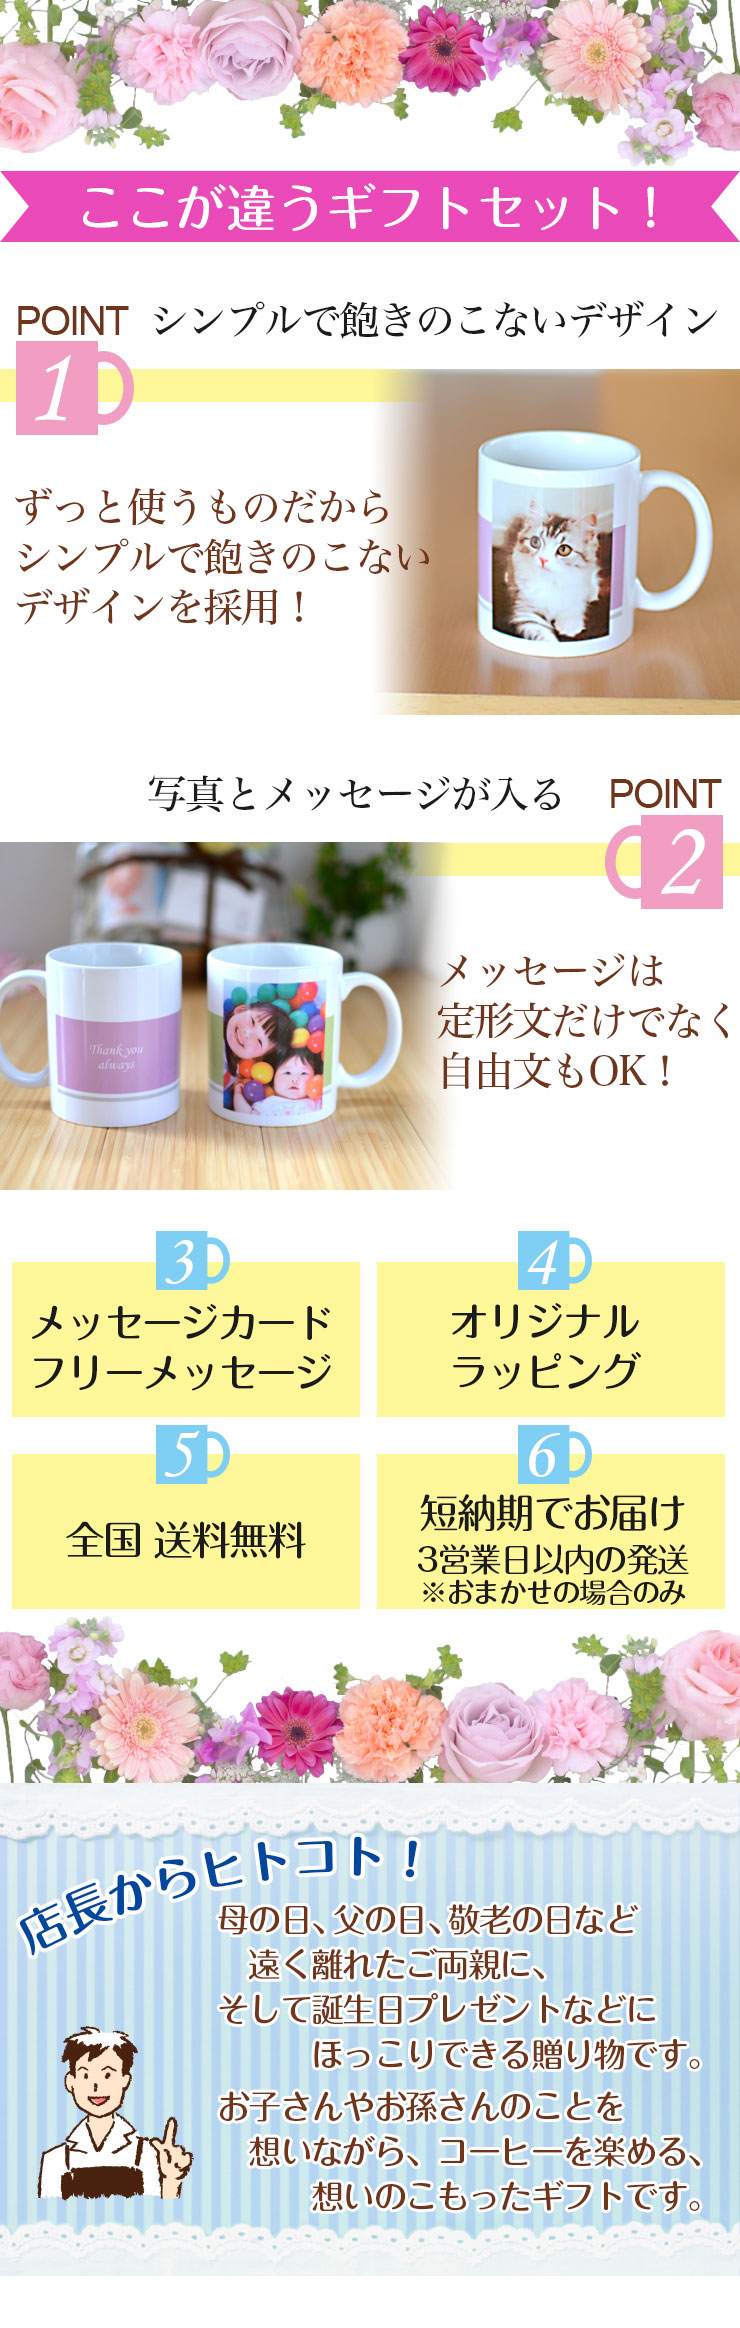 マグカップ,写真入りプレゼント,オリジナルマグカップ,誕生日プレゼント